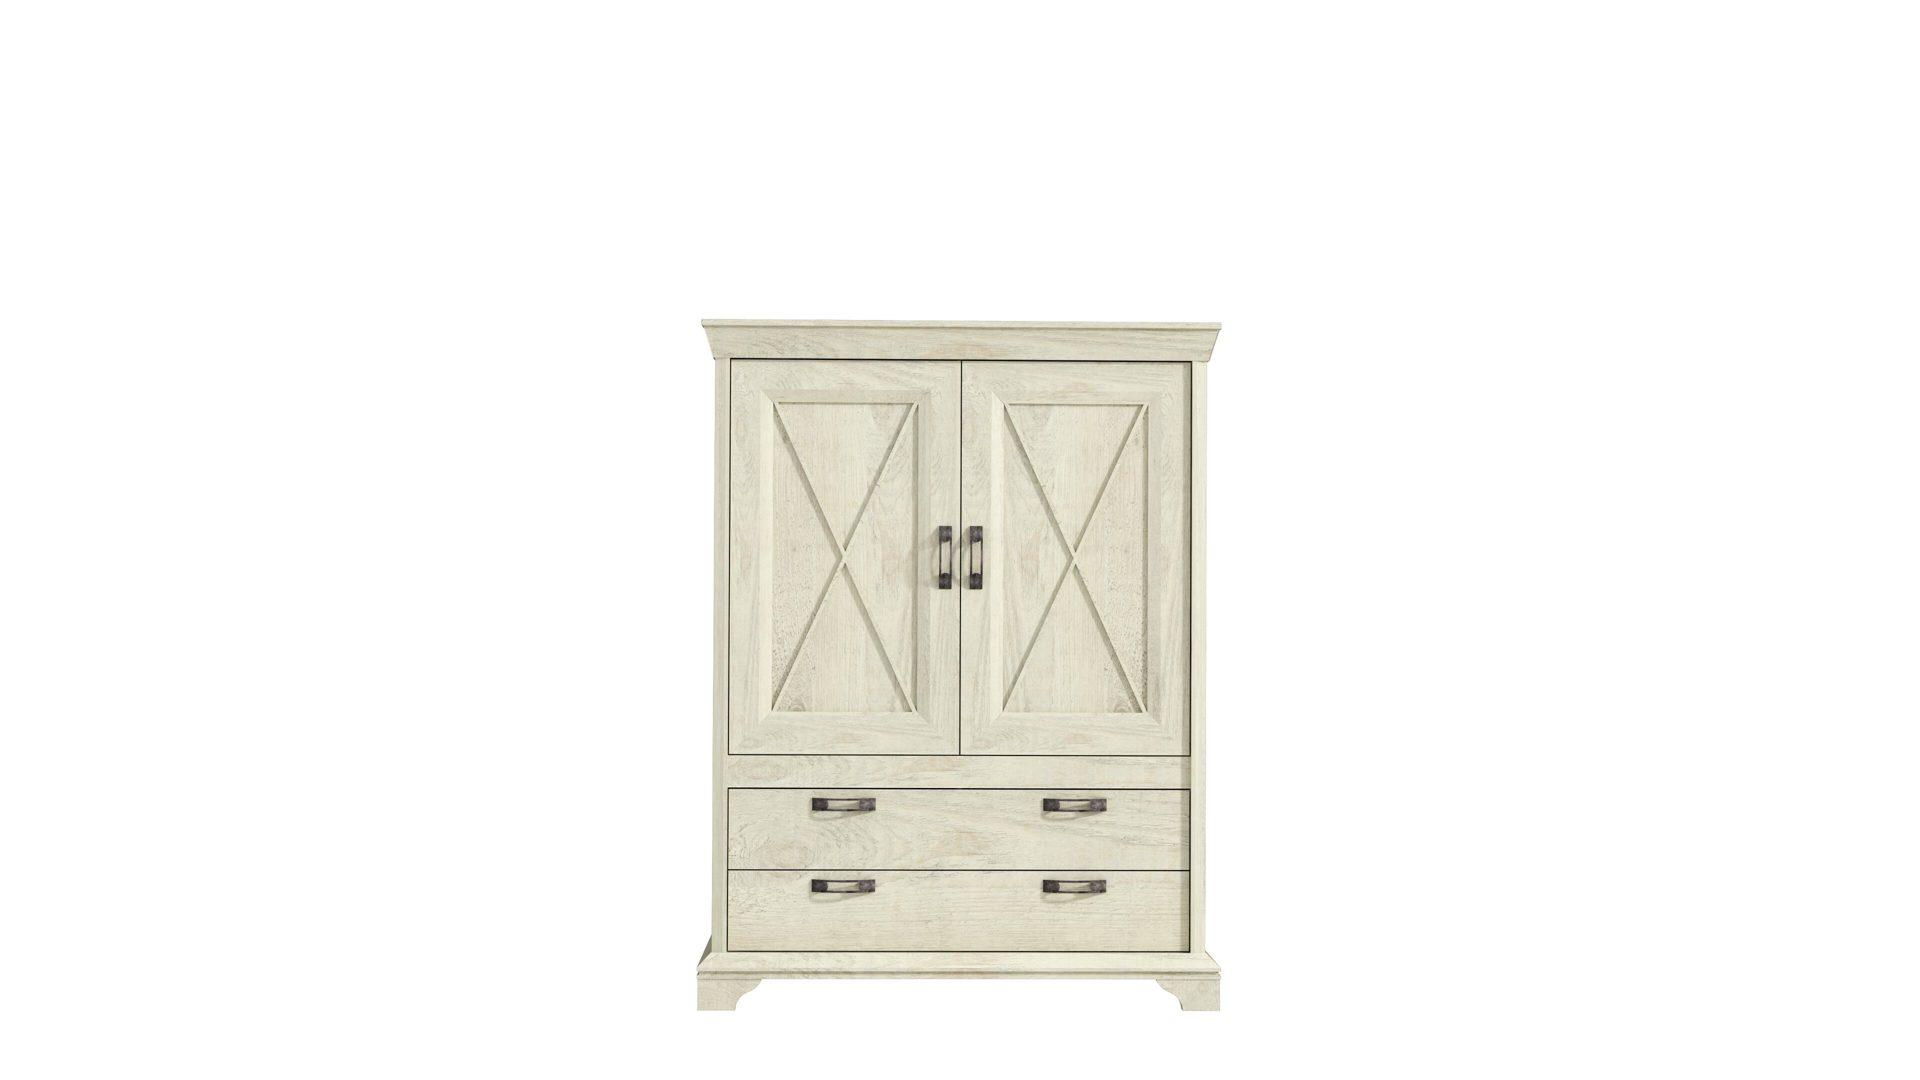 Highboard Weiße Pinienfarbene Kunststoffoberflächen Zwei Türen Zwei Schubladen